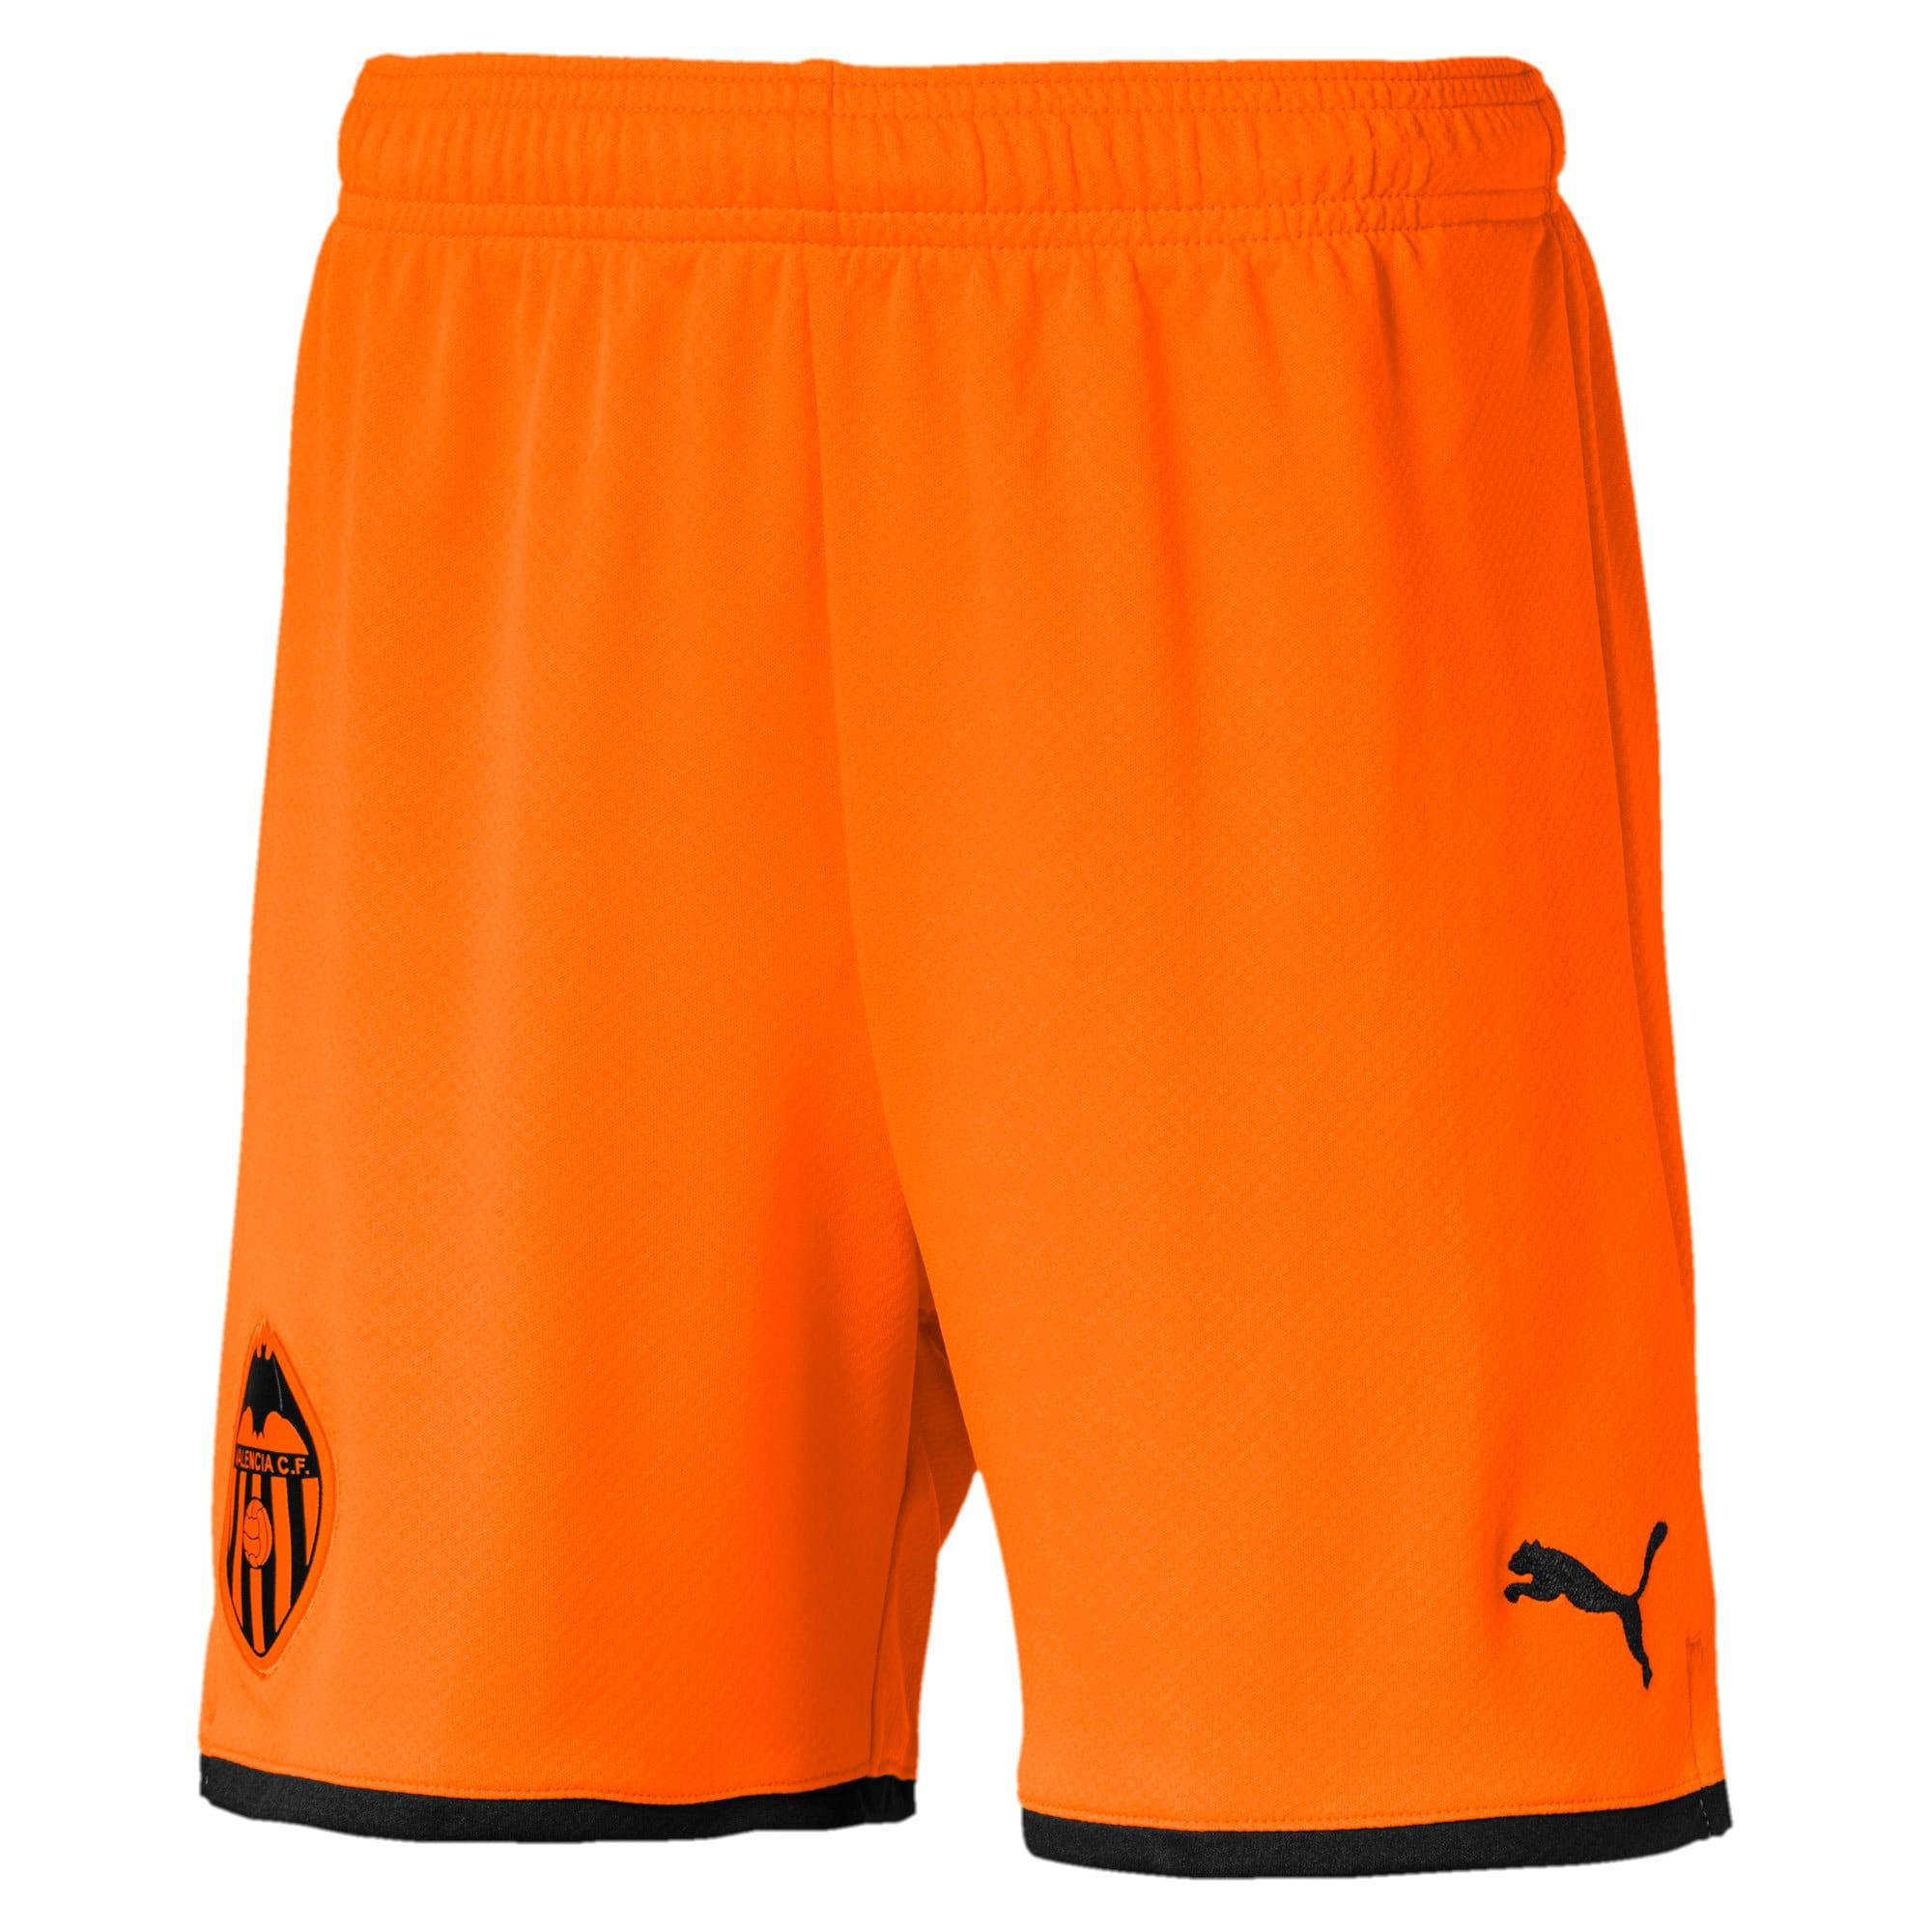 Imagen en miniatura 1 de Shorts de réplica de niño Valencia CF, Vibrant Orange-Puma Black, mediana